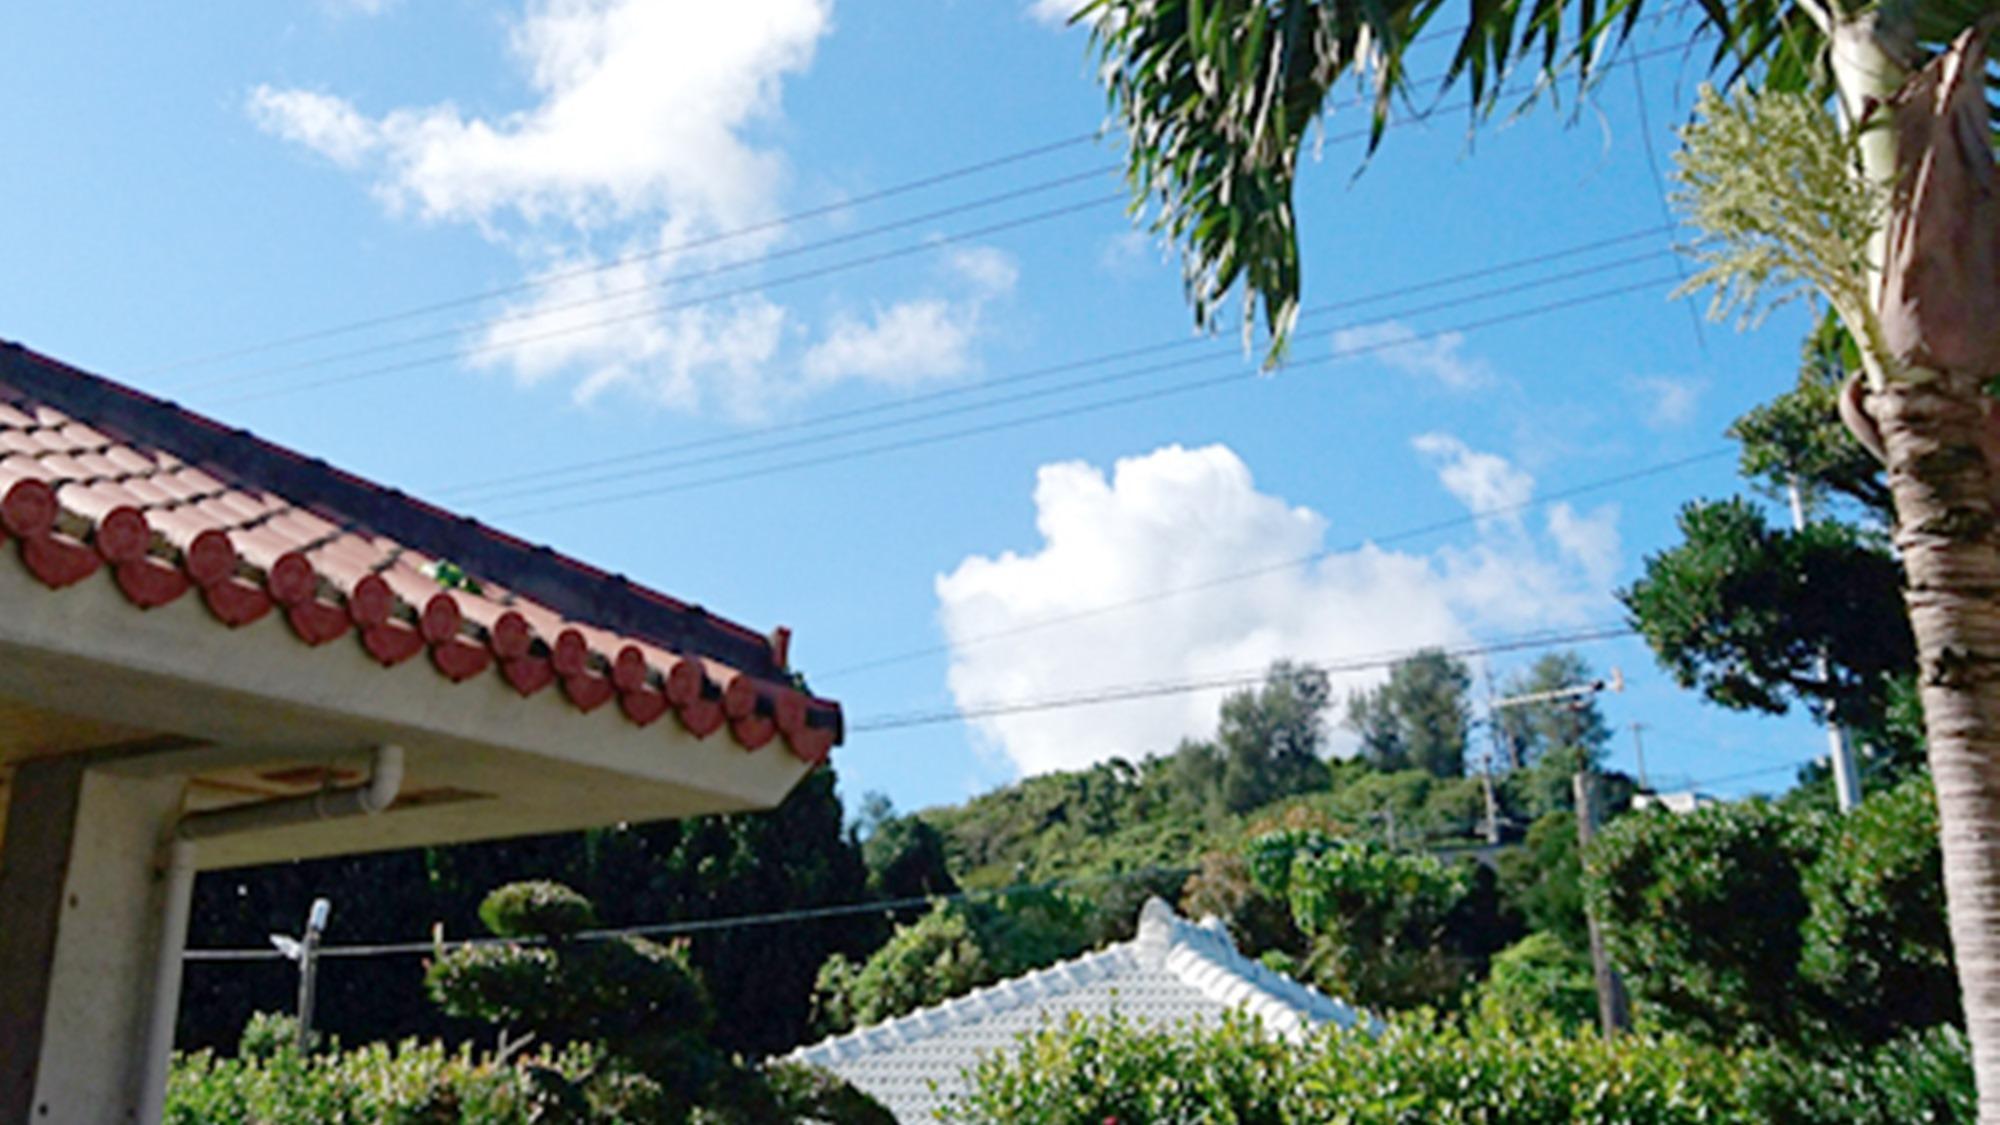 *静かな時間が流れる沖縄へようこそ